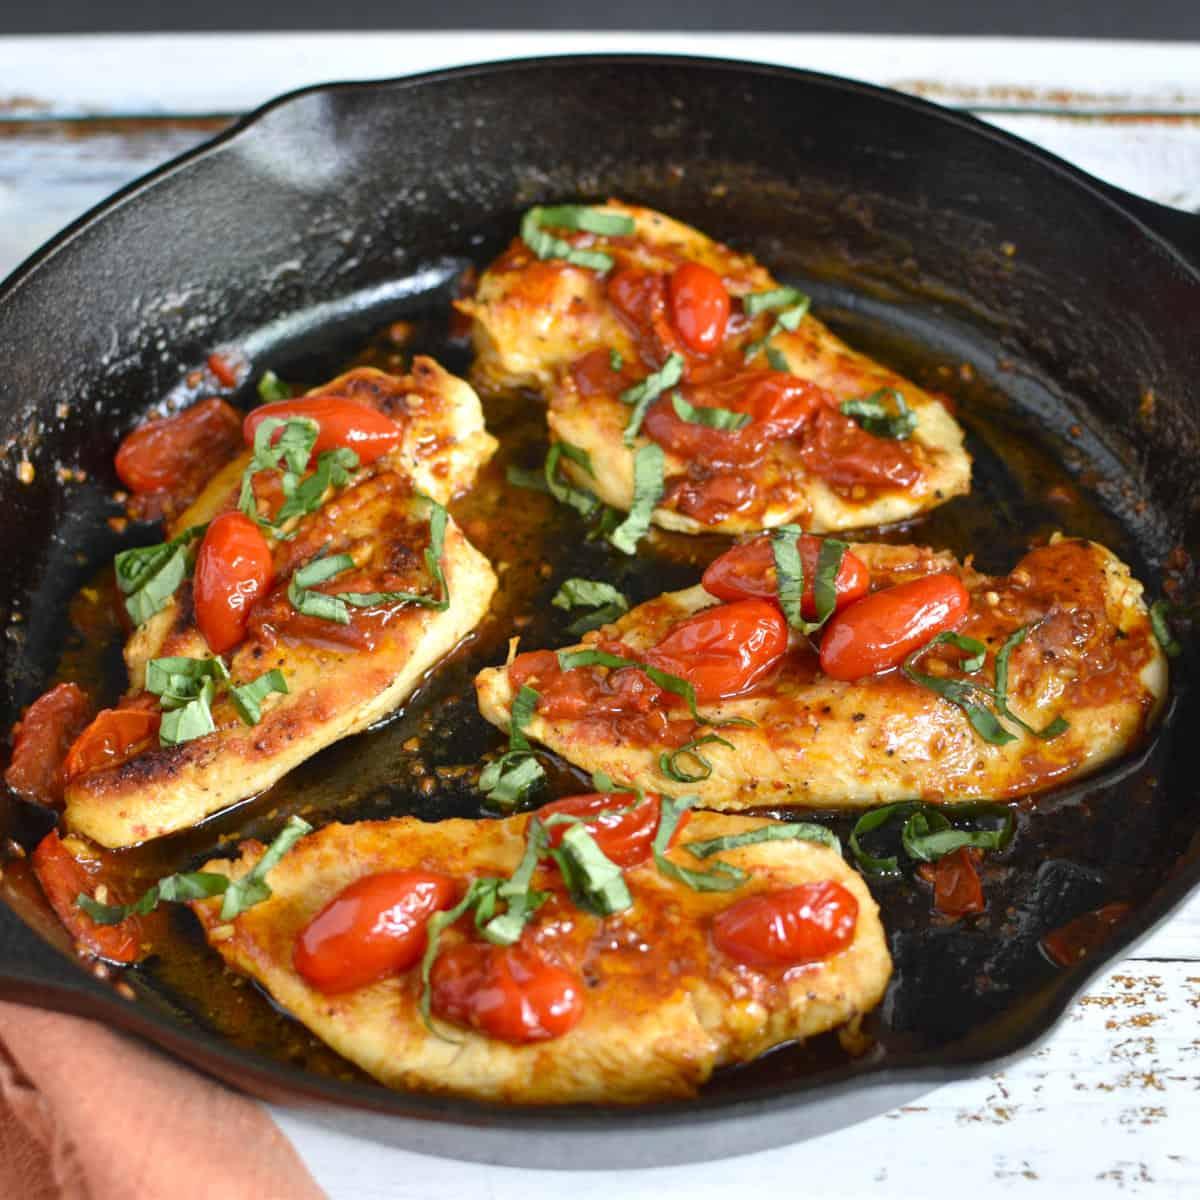 Filés de frango grelhados na frigideira com tomate cereja e manjericão